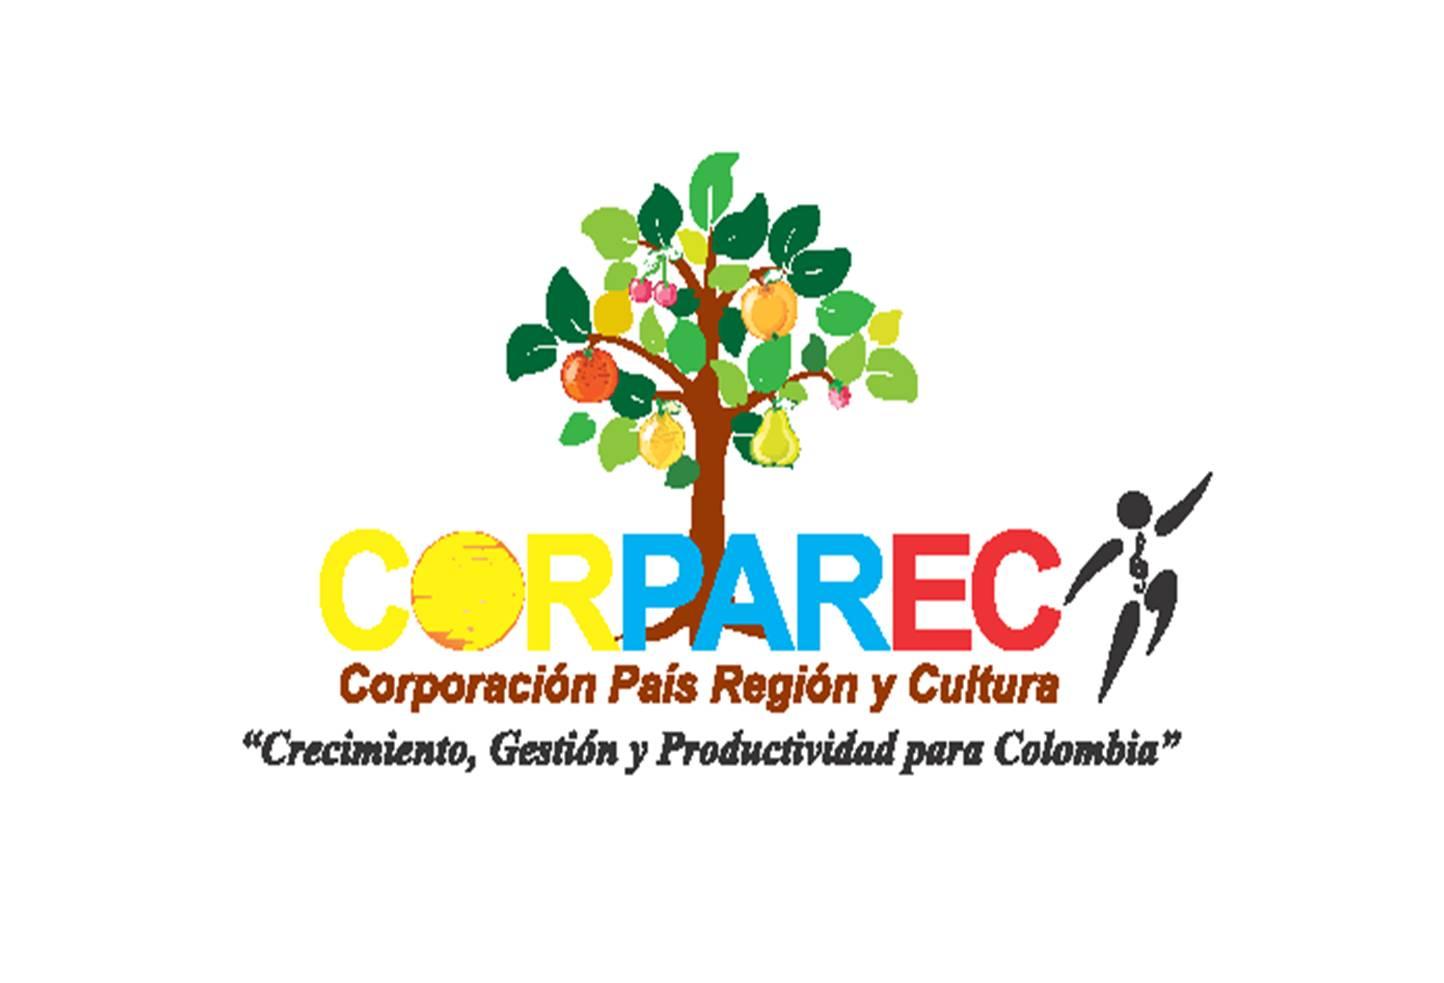 Corporaciòn Pais Región y Cultura